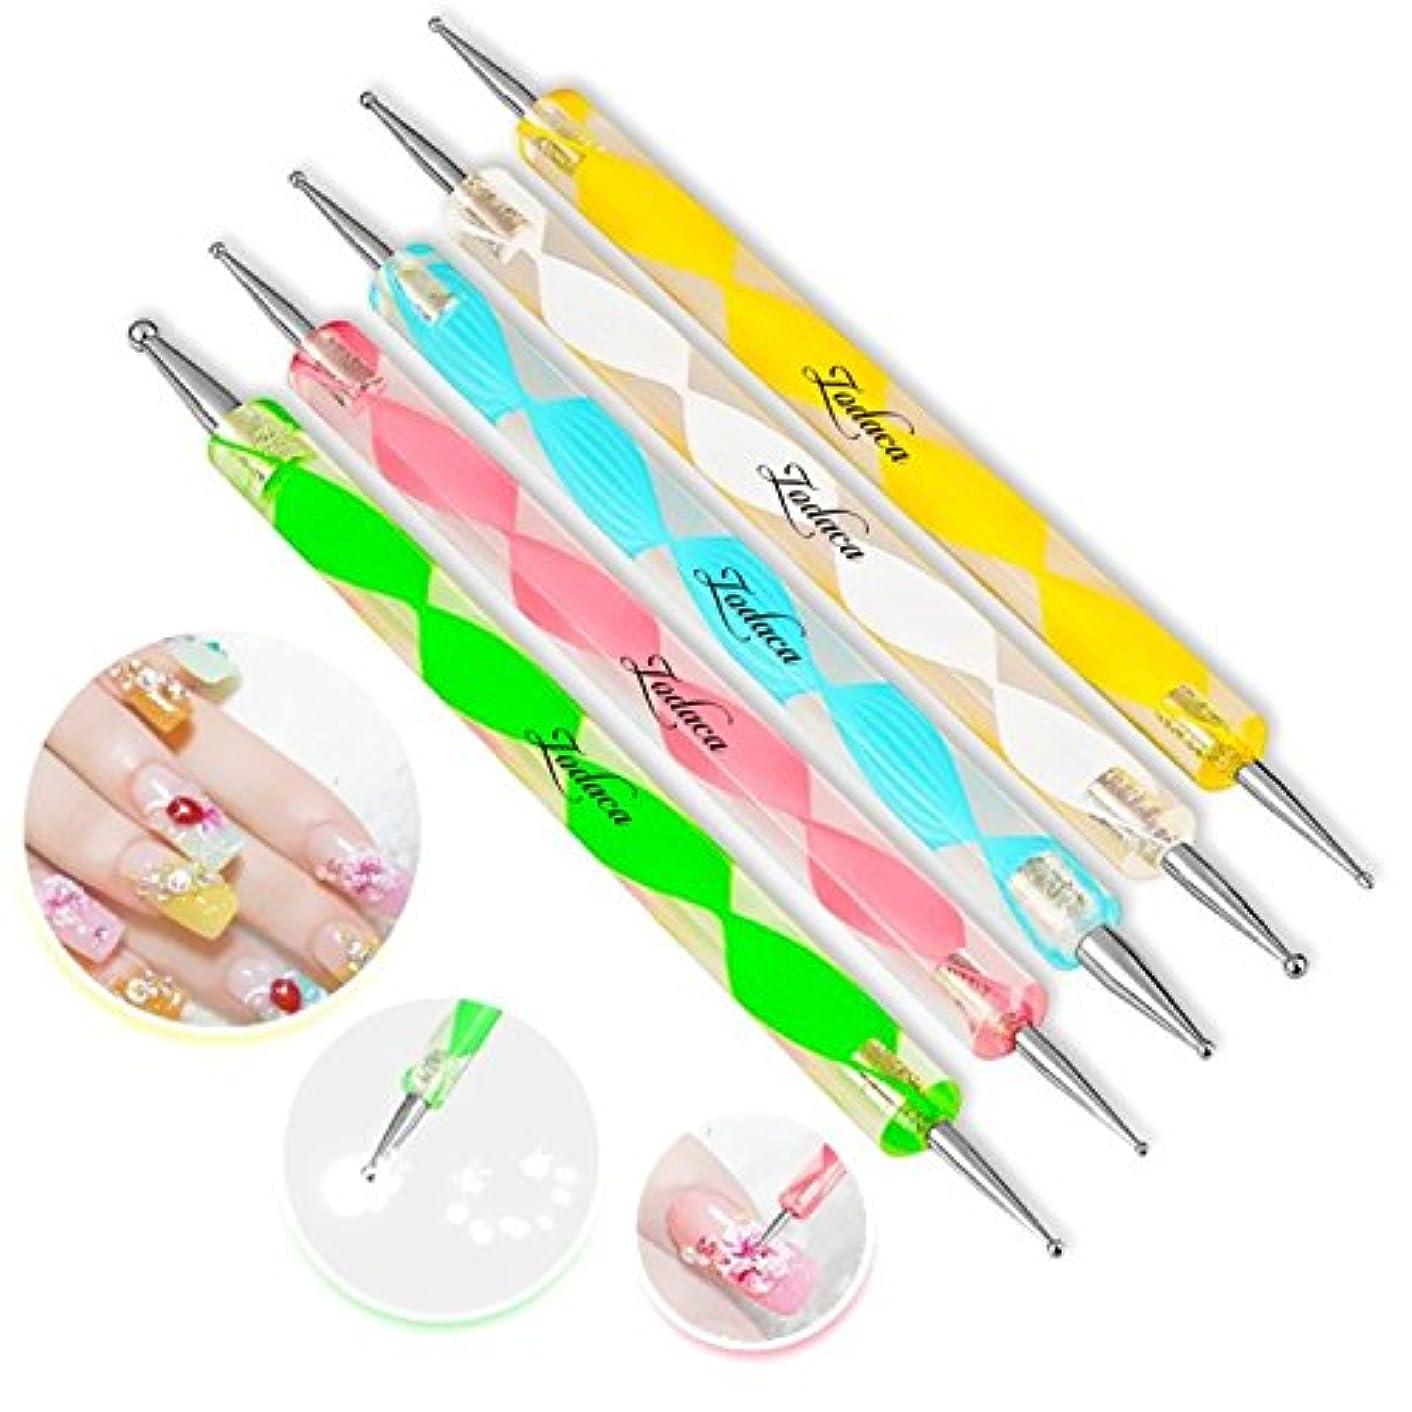 Gespout ネイルアート ドッティング マニキュア ツール キット 5本セット ネイルアートスティック 人気なセット 高品質 ドットペン ネイルデザイン マニキュアペン ネイルブラシ 装飾ツール